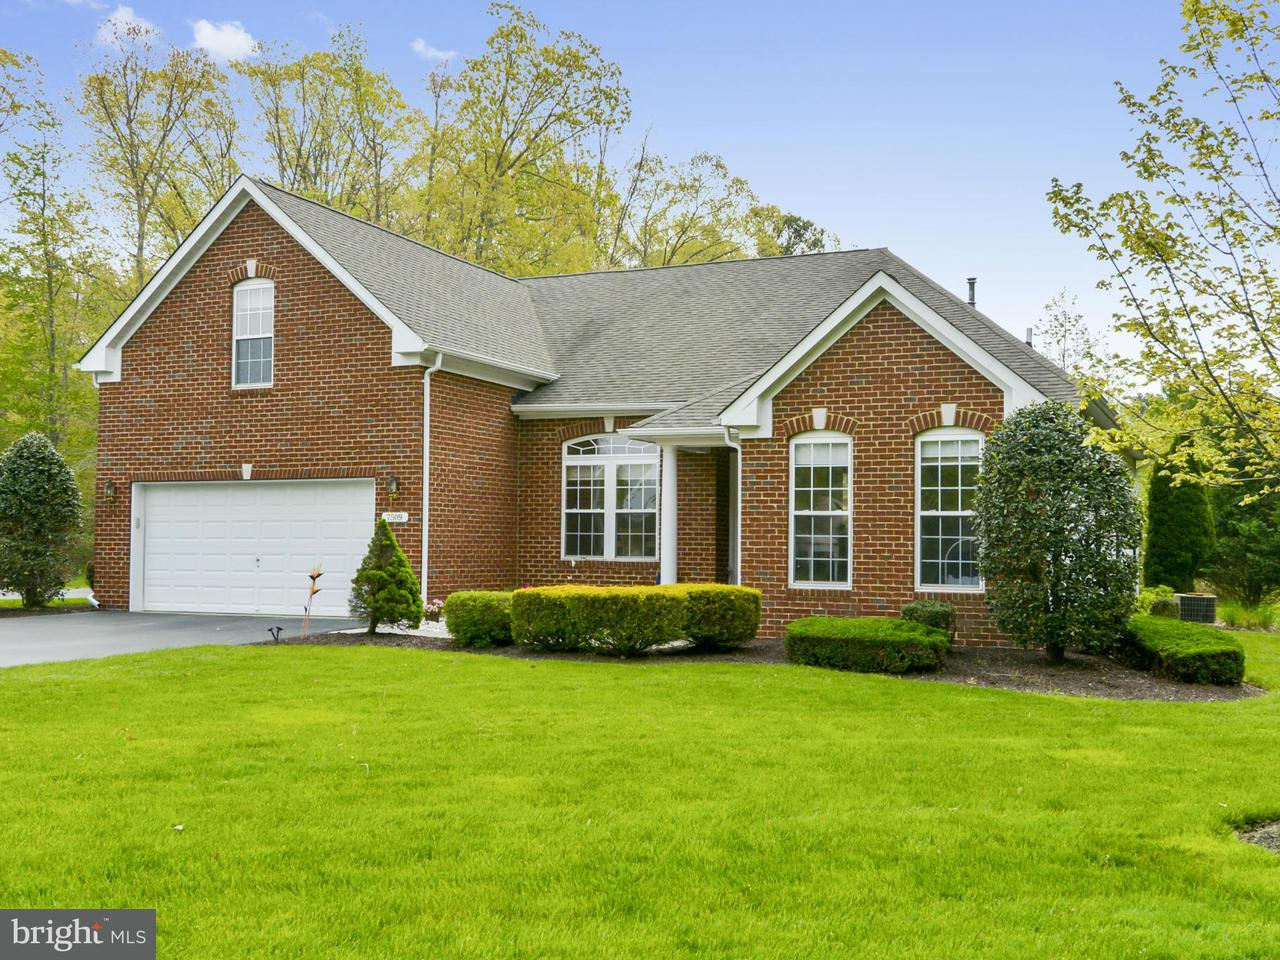 獨棟家庭住宅 為 出售 在 7509 EASTON CLUB Drive 7509 EASTON CLUB Drive Easton, 馬里蘭州 21601 美國